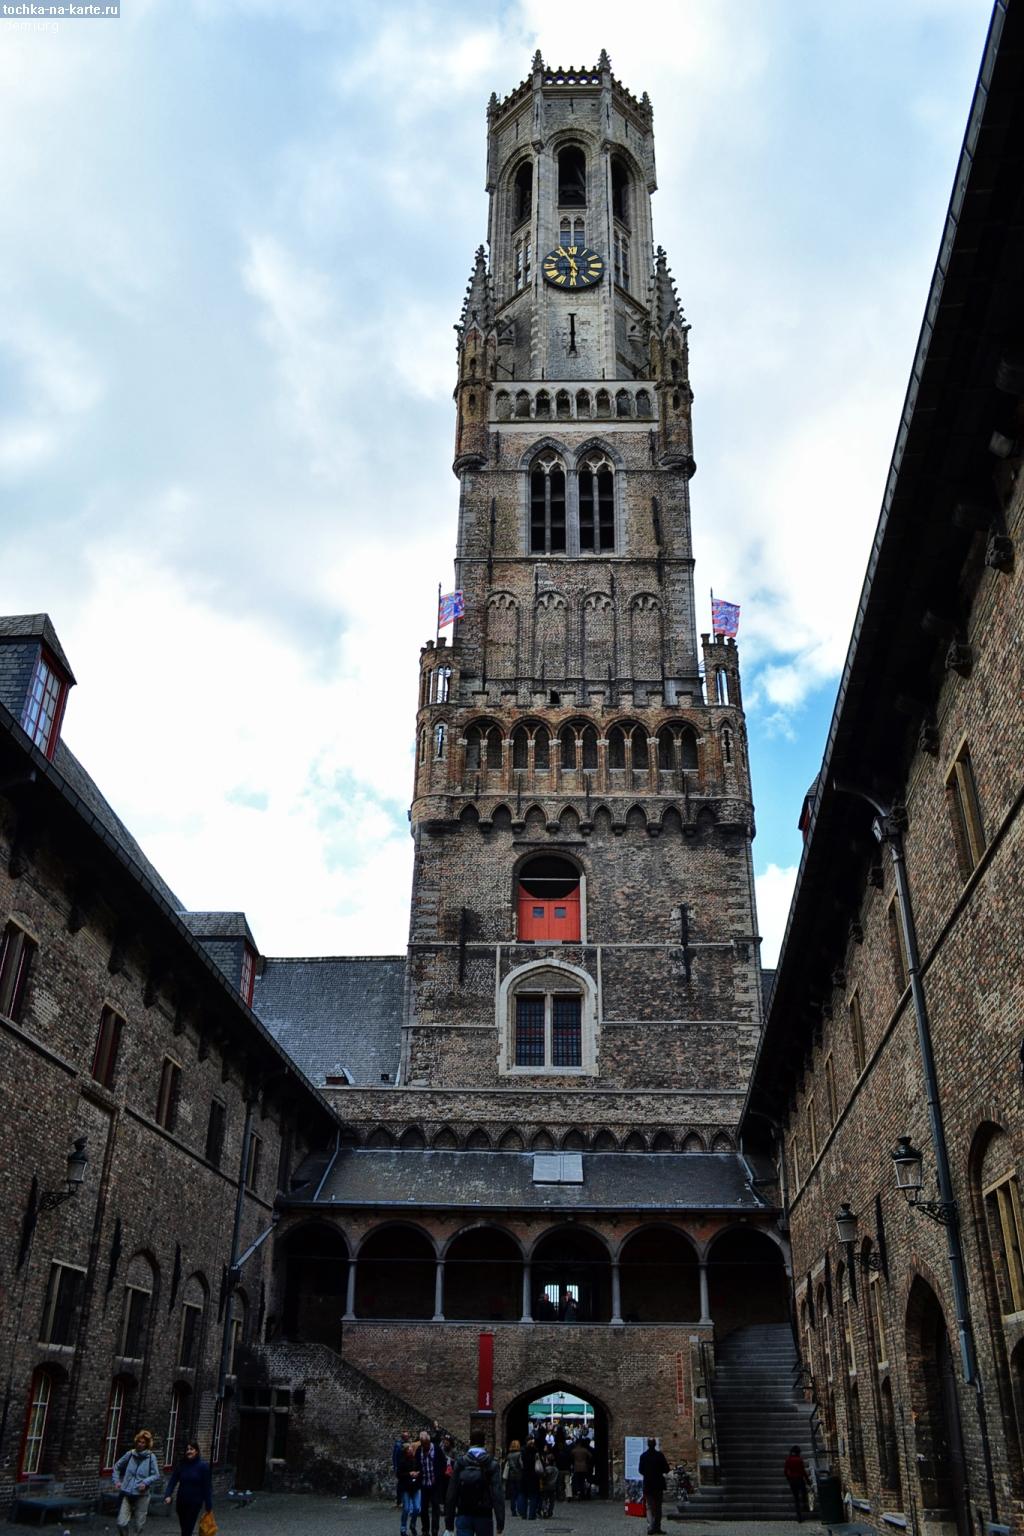 Вид на башню Беффруа со стороны двора в Брюгге - Бельгия - фото 1fe23115cc655